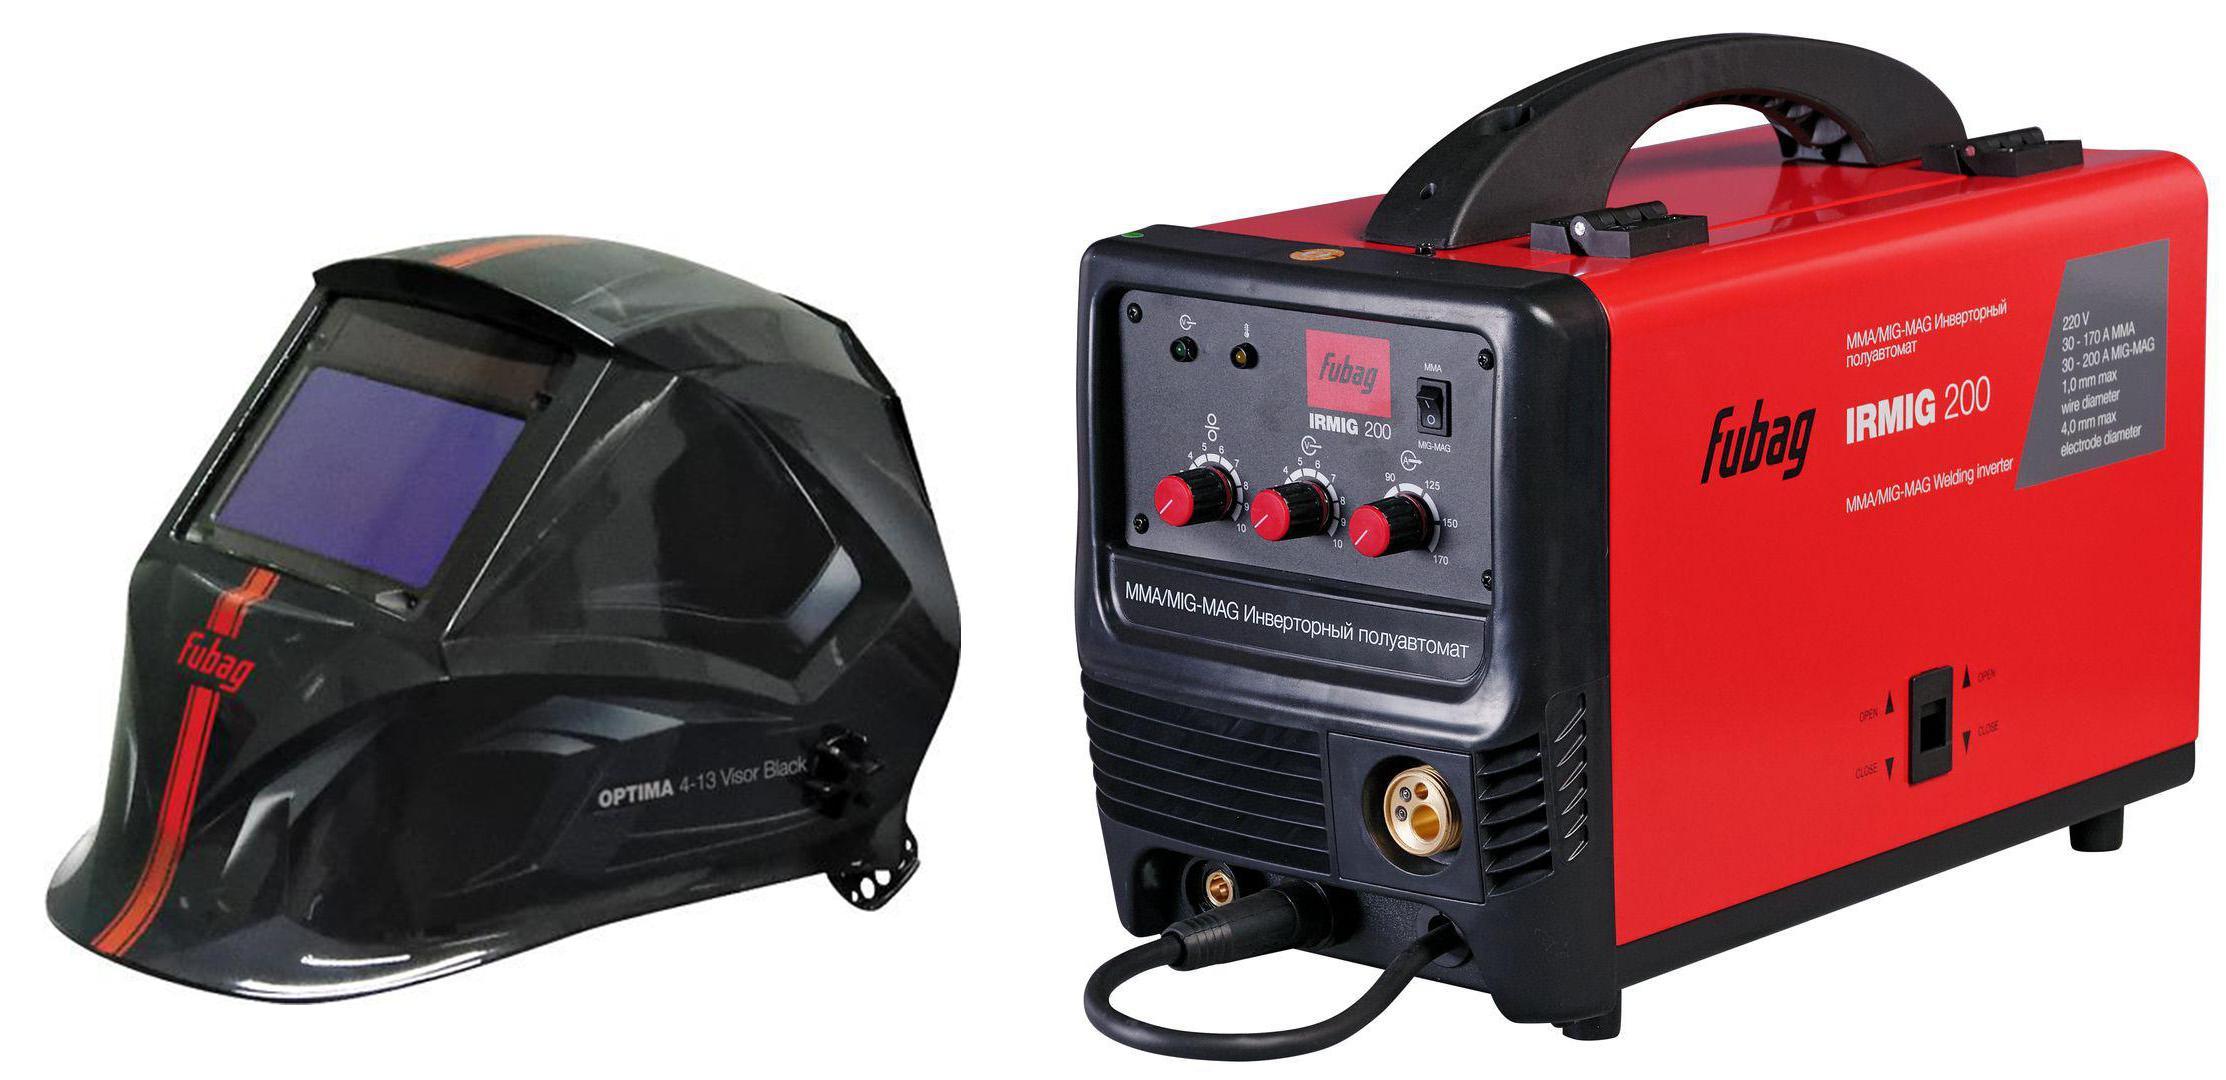 Купить Набор Fubag Сварочный полуавтомат irmig 200 38609 + горелка fb 250 3 м +Маска optima 4-13 visor black, Китай